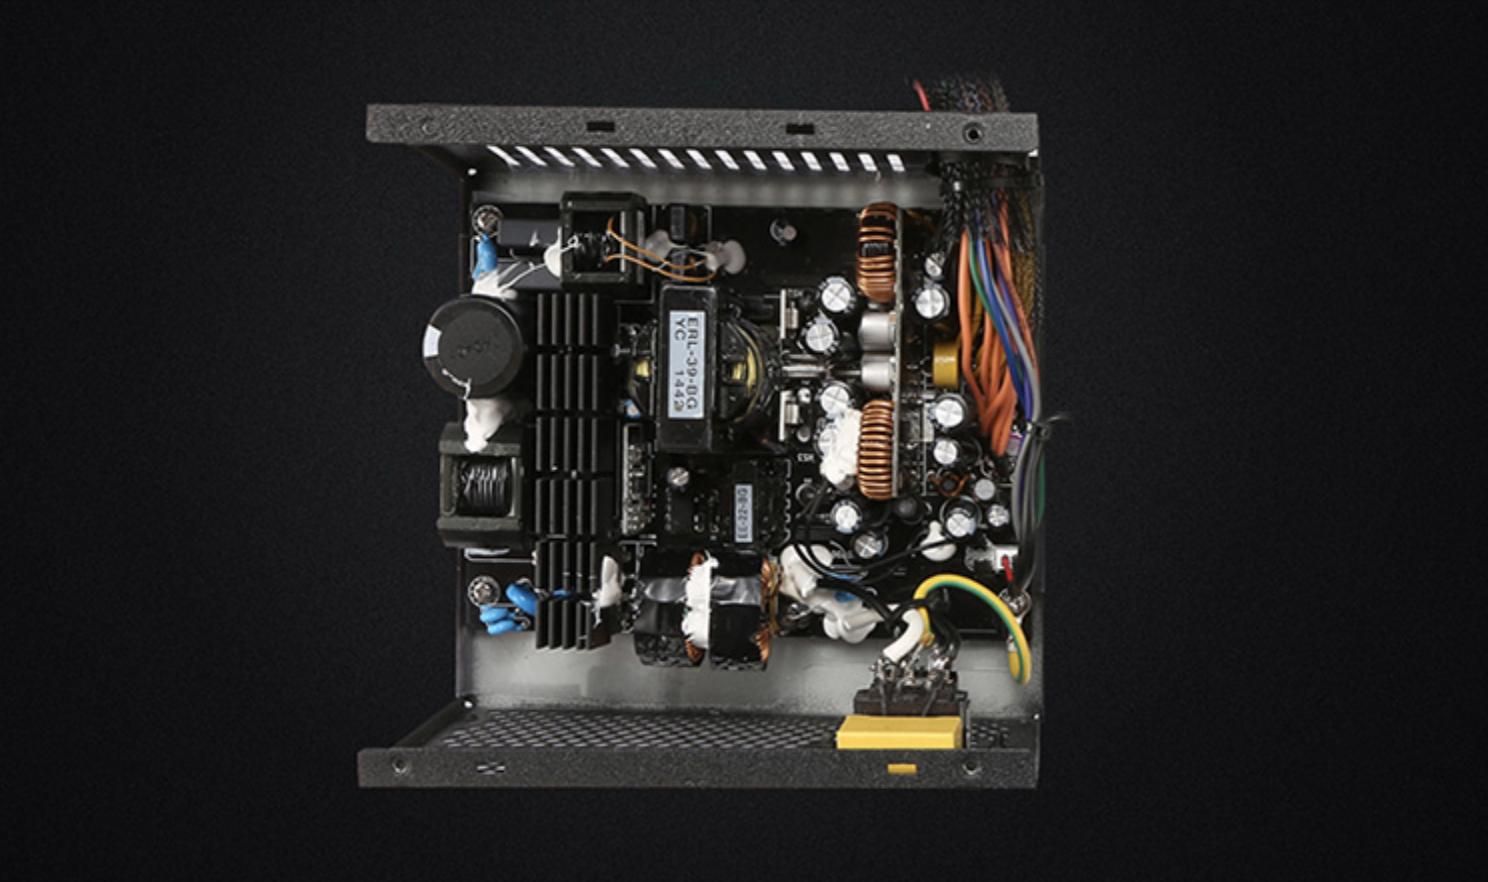 电脑主机电源哪个牌子好(十大电源品牌排行榜)